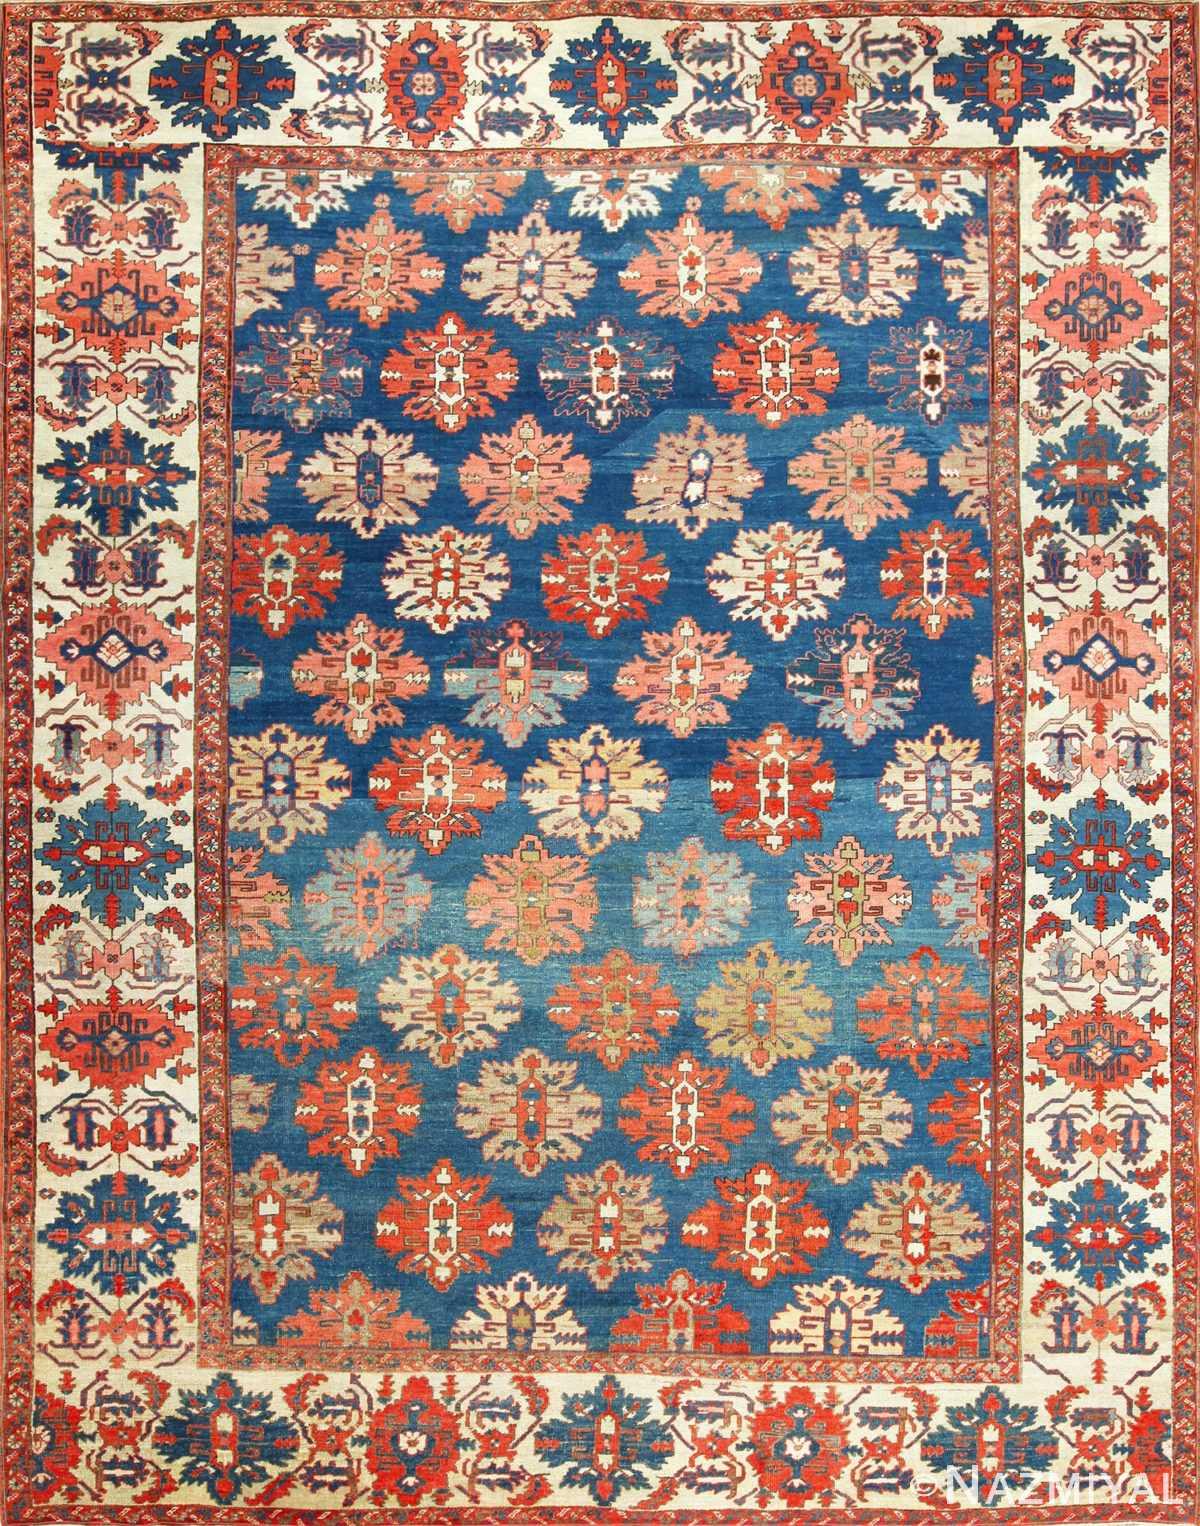 tribal antique blue background persian bakshaish rug 49202 Nazmiyal